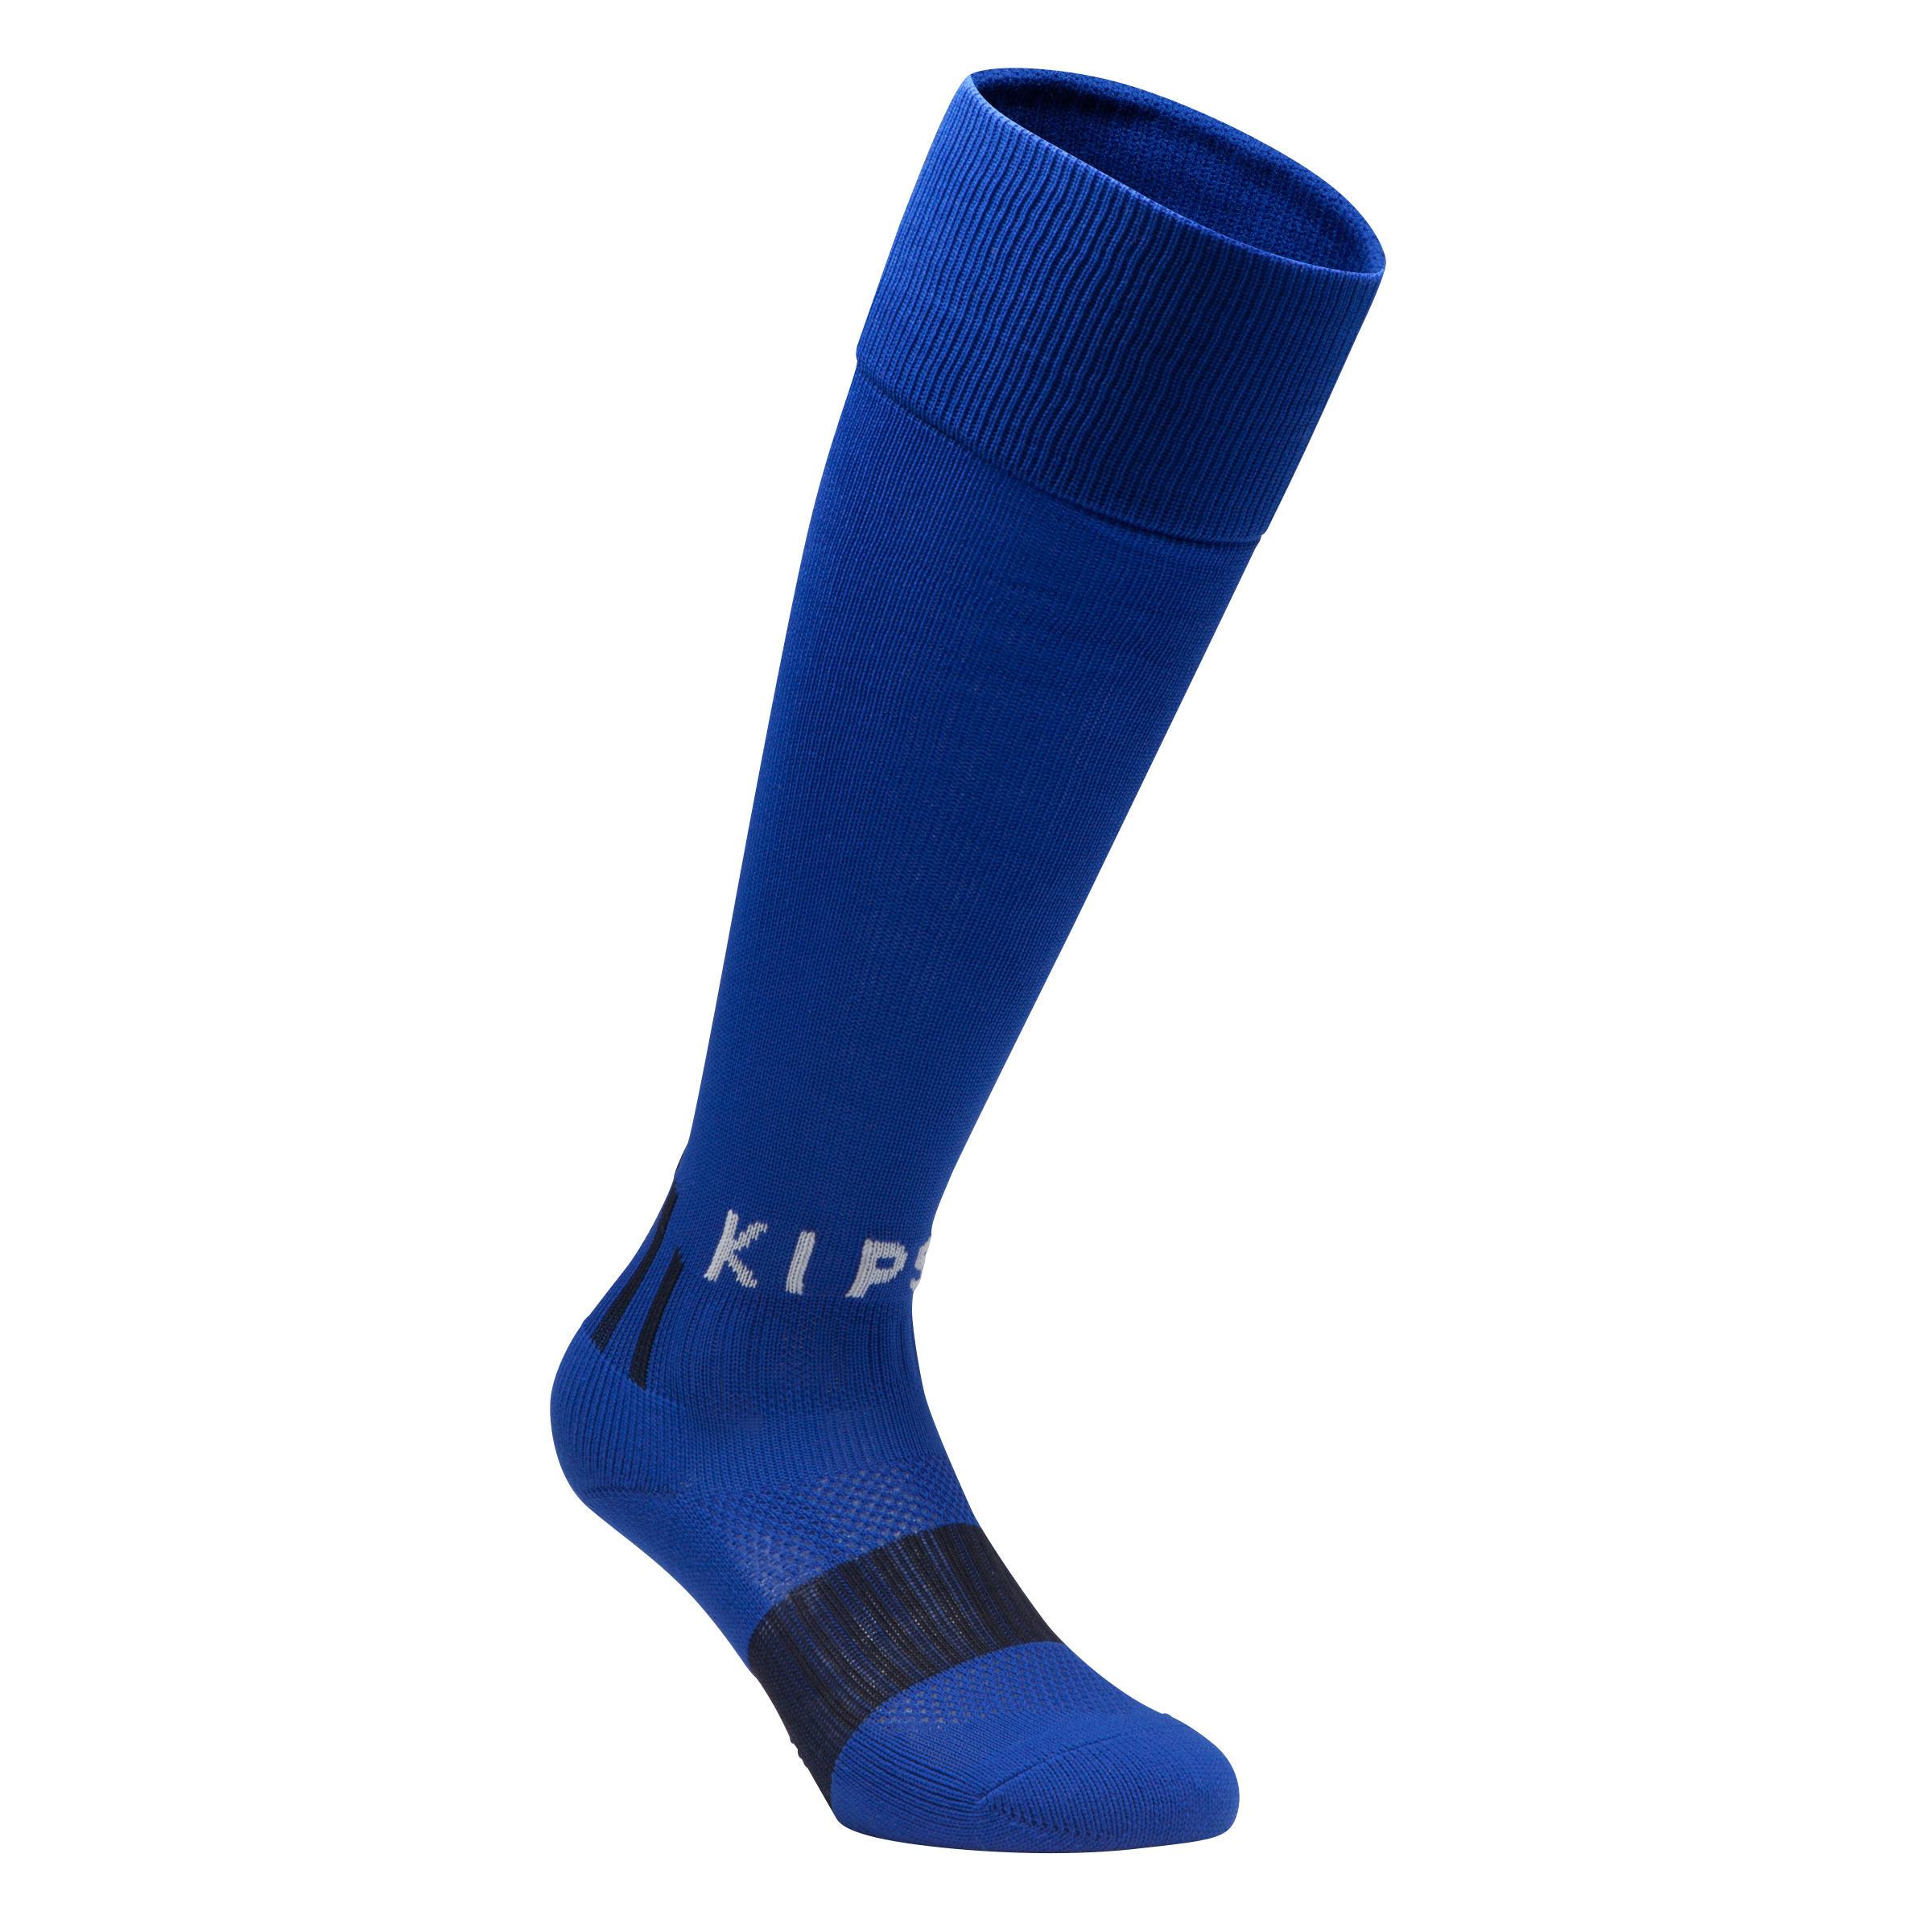 ถุงเท้าฟุตบอลสำหรับ...